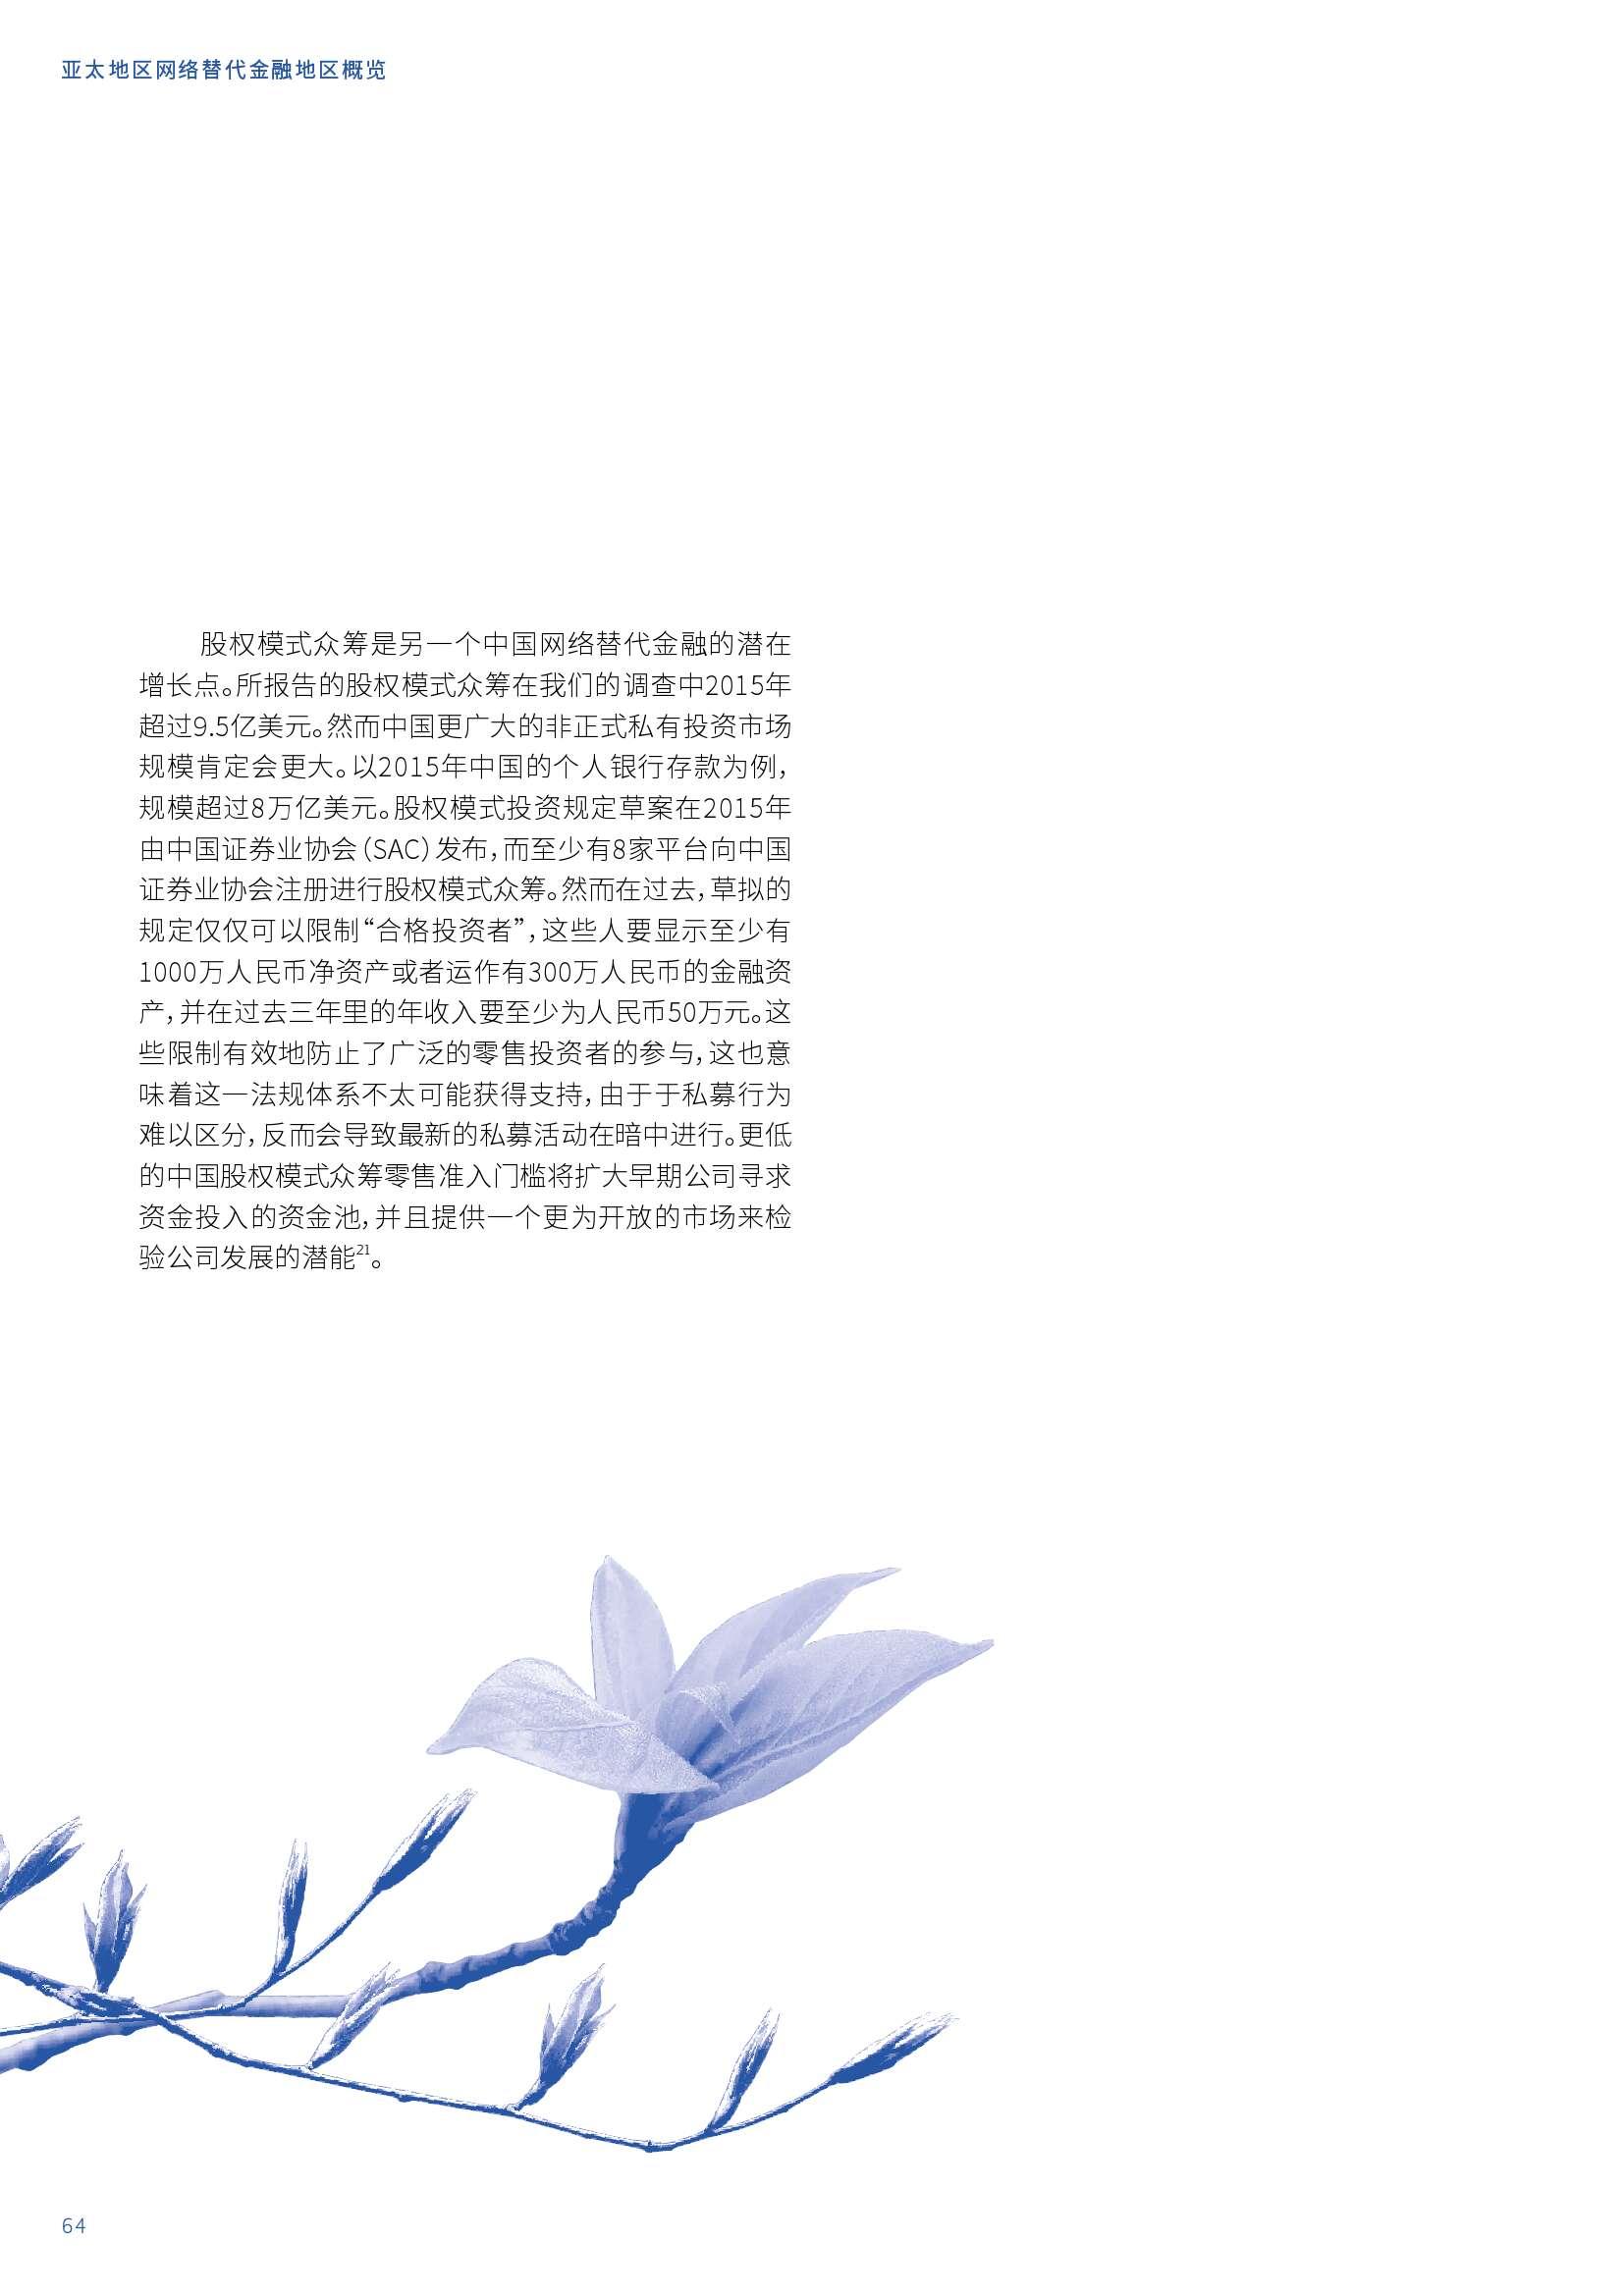 亚太地区网络替代金融基准报告_000064